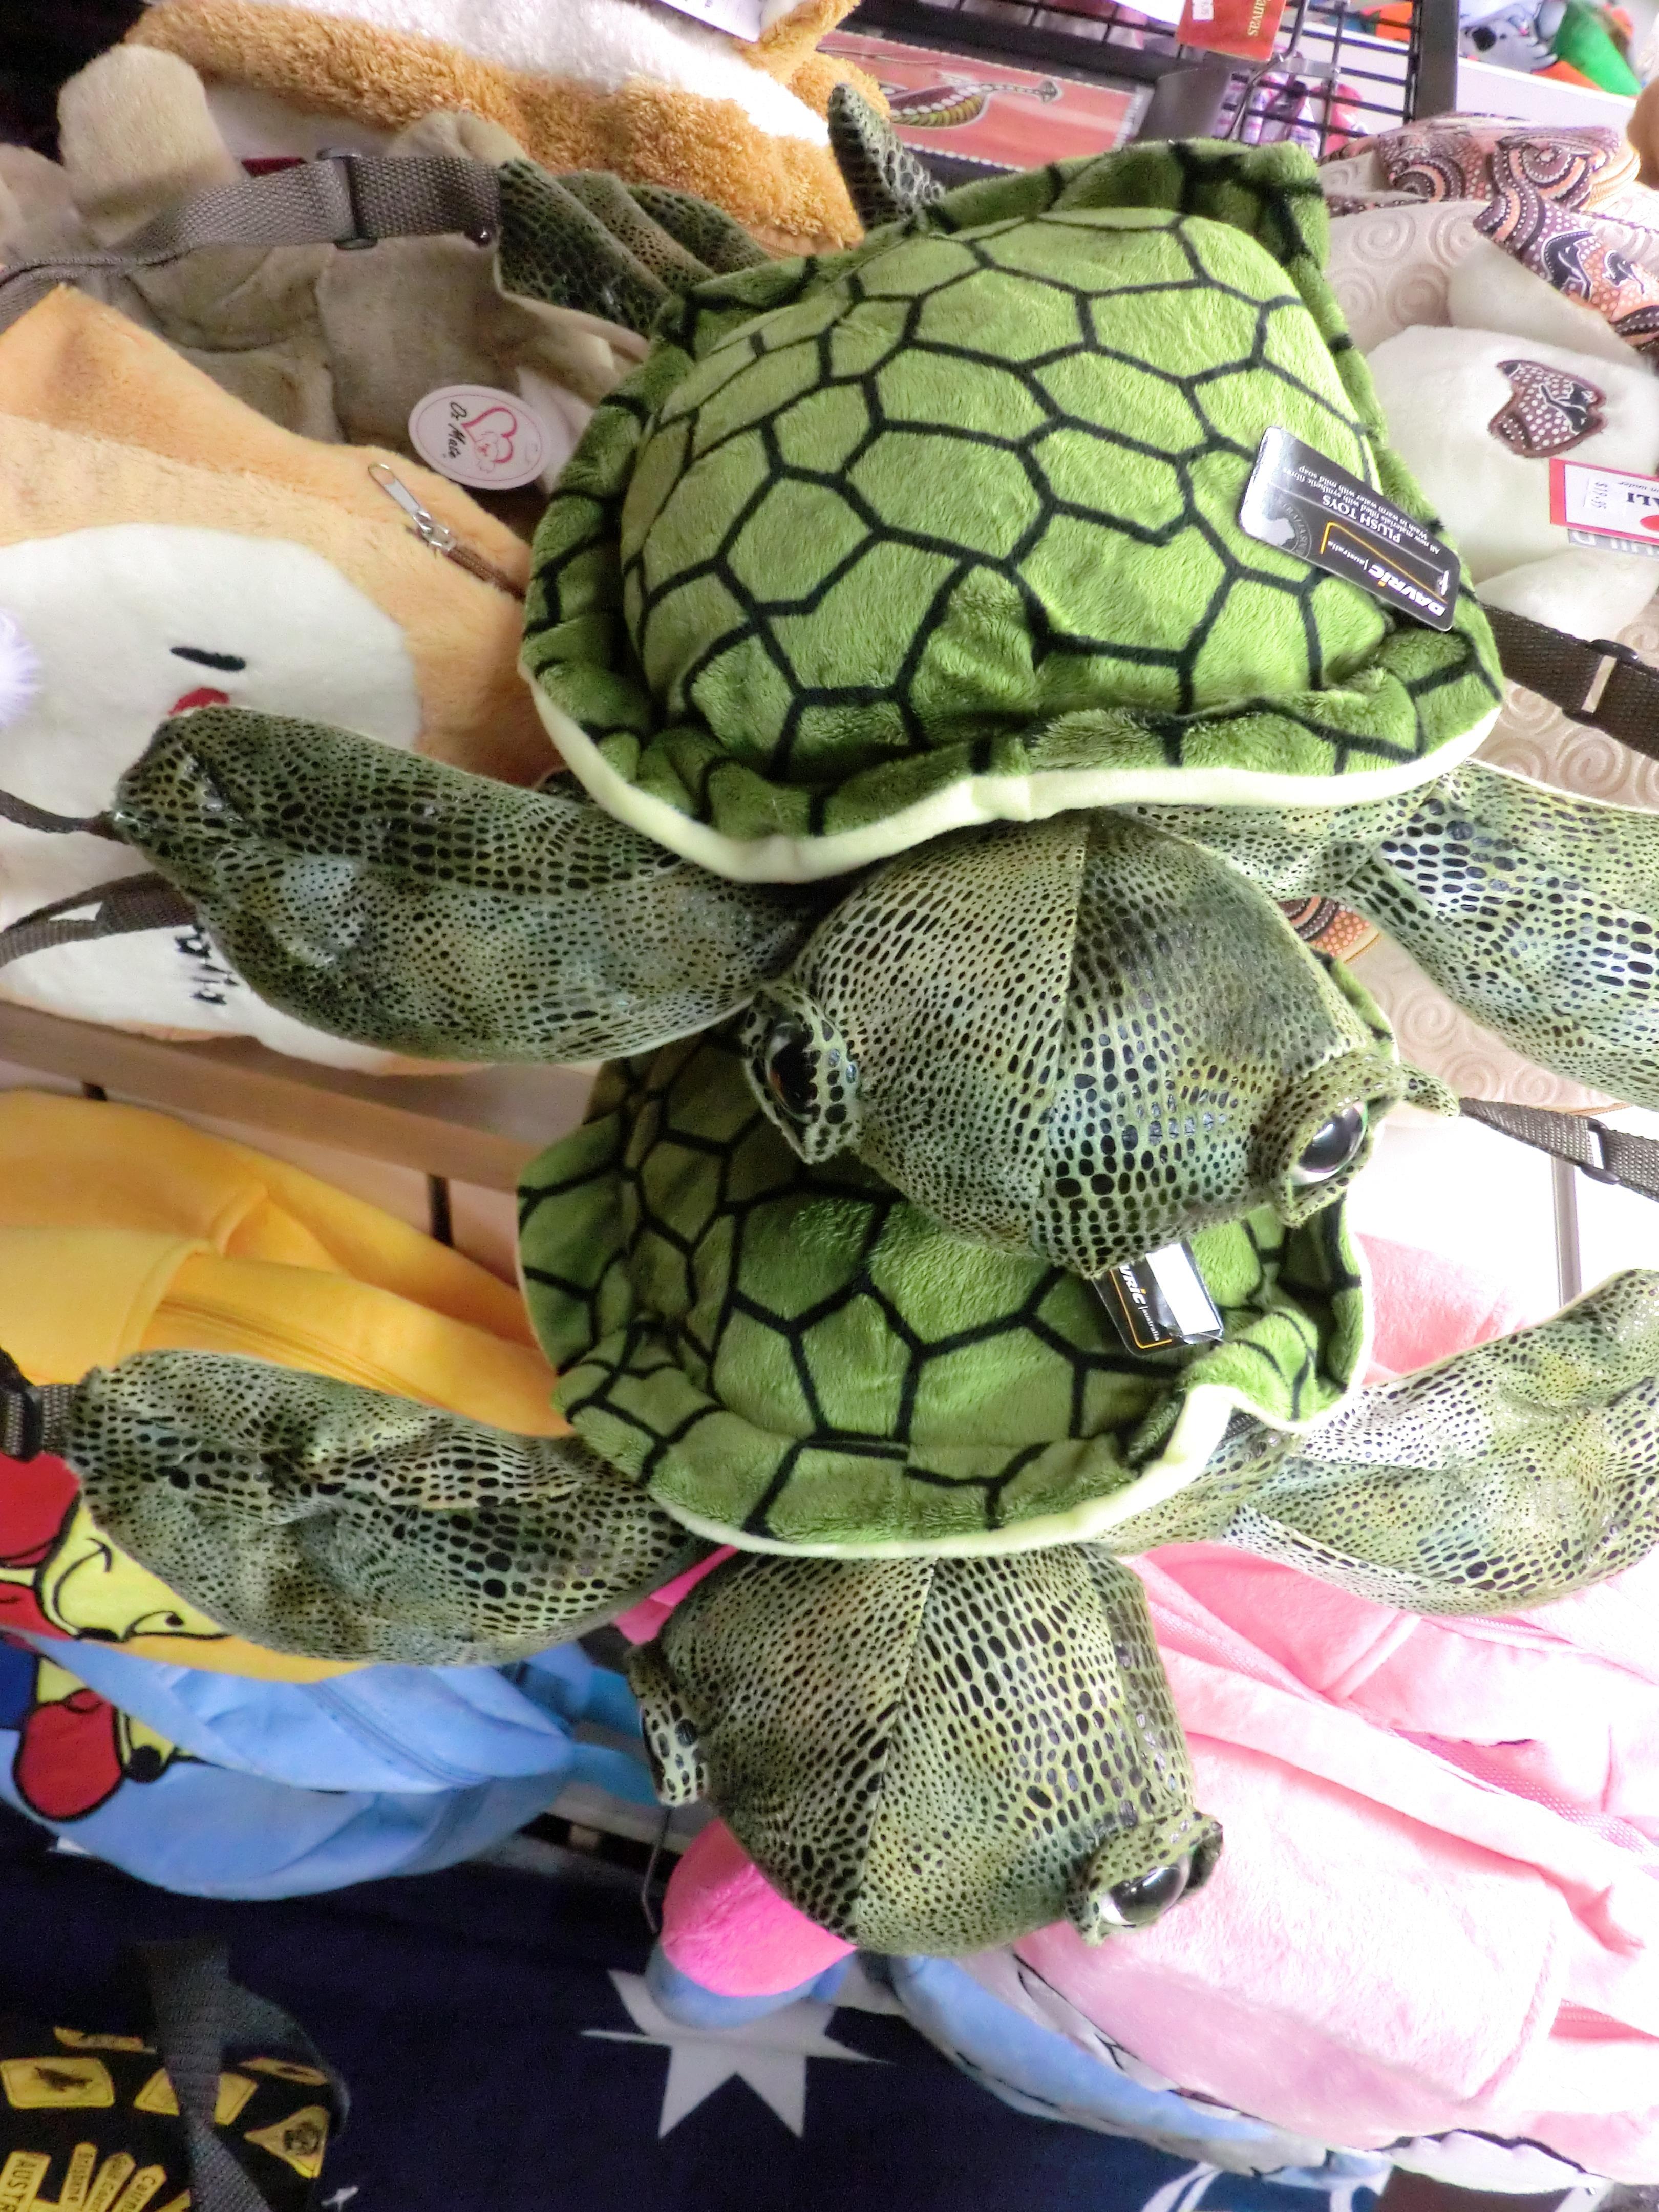 <p>オーストラリアにちなんだ動物などのかわいらしいぬいぐるみやかばんがあり、この亀の かばんは保育園時代にこんな感じの使ってたなぁとまた買いたくなってしまいました。 お店のスタッフさんもとてもフレンドリーでつい話に花が咲いてしまいました^^ Cairns関連商品: ケアンズ関連商品が店名の通り、とにかく豊富!</p>